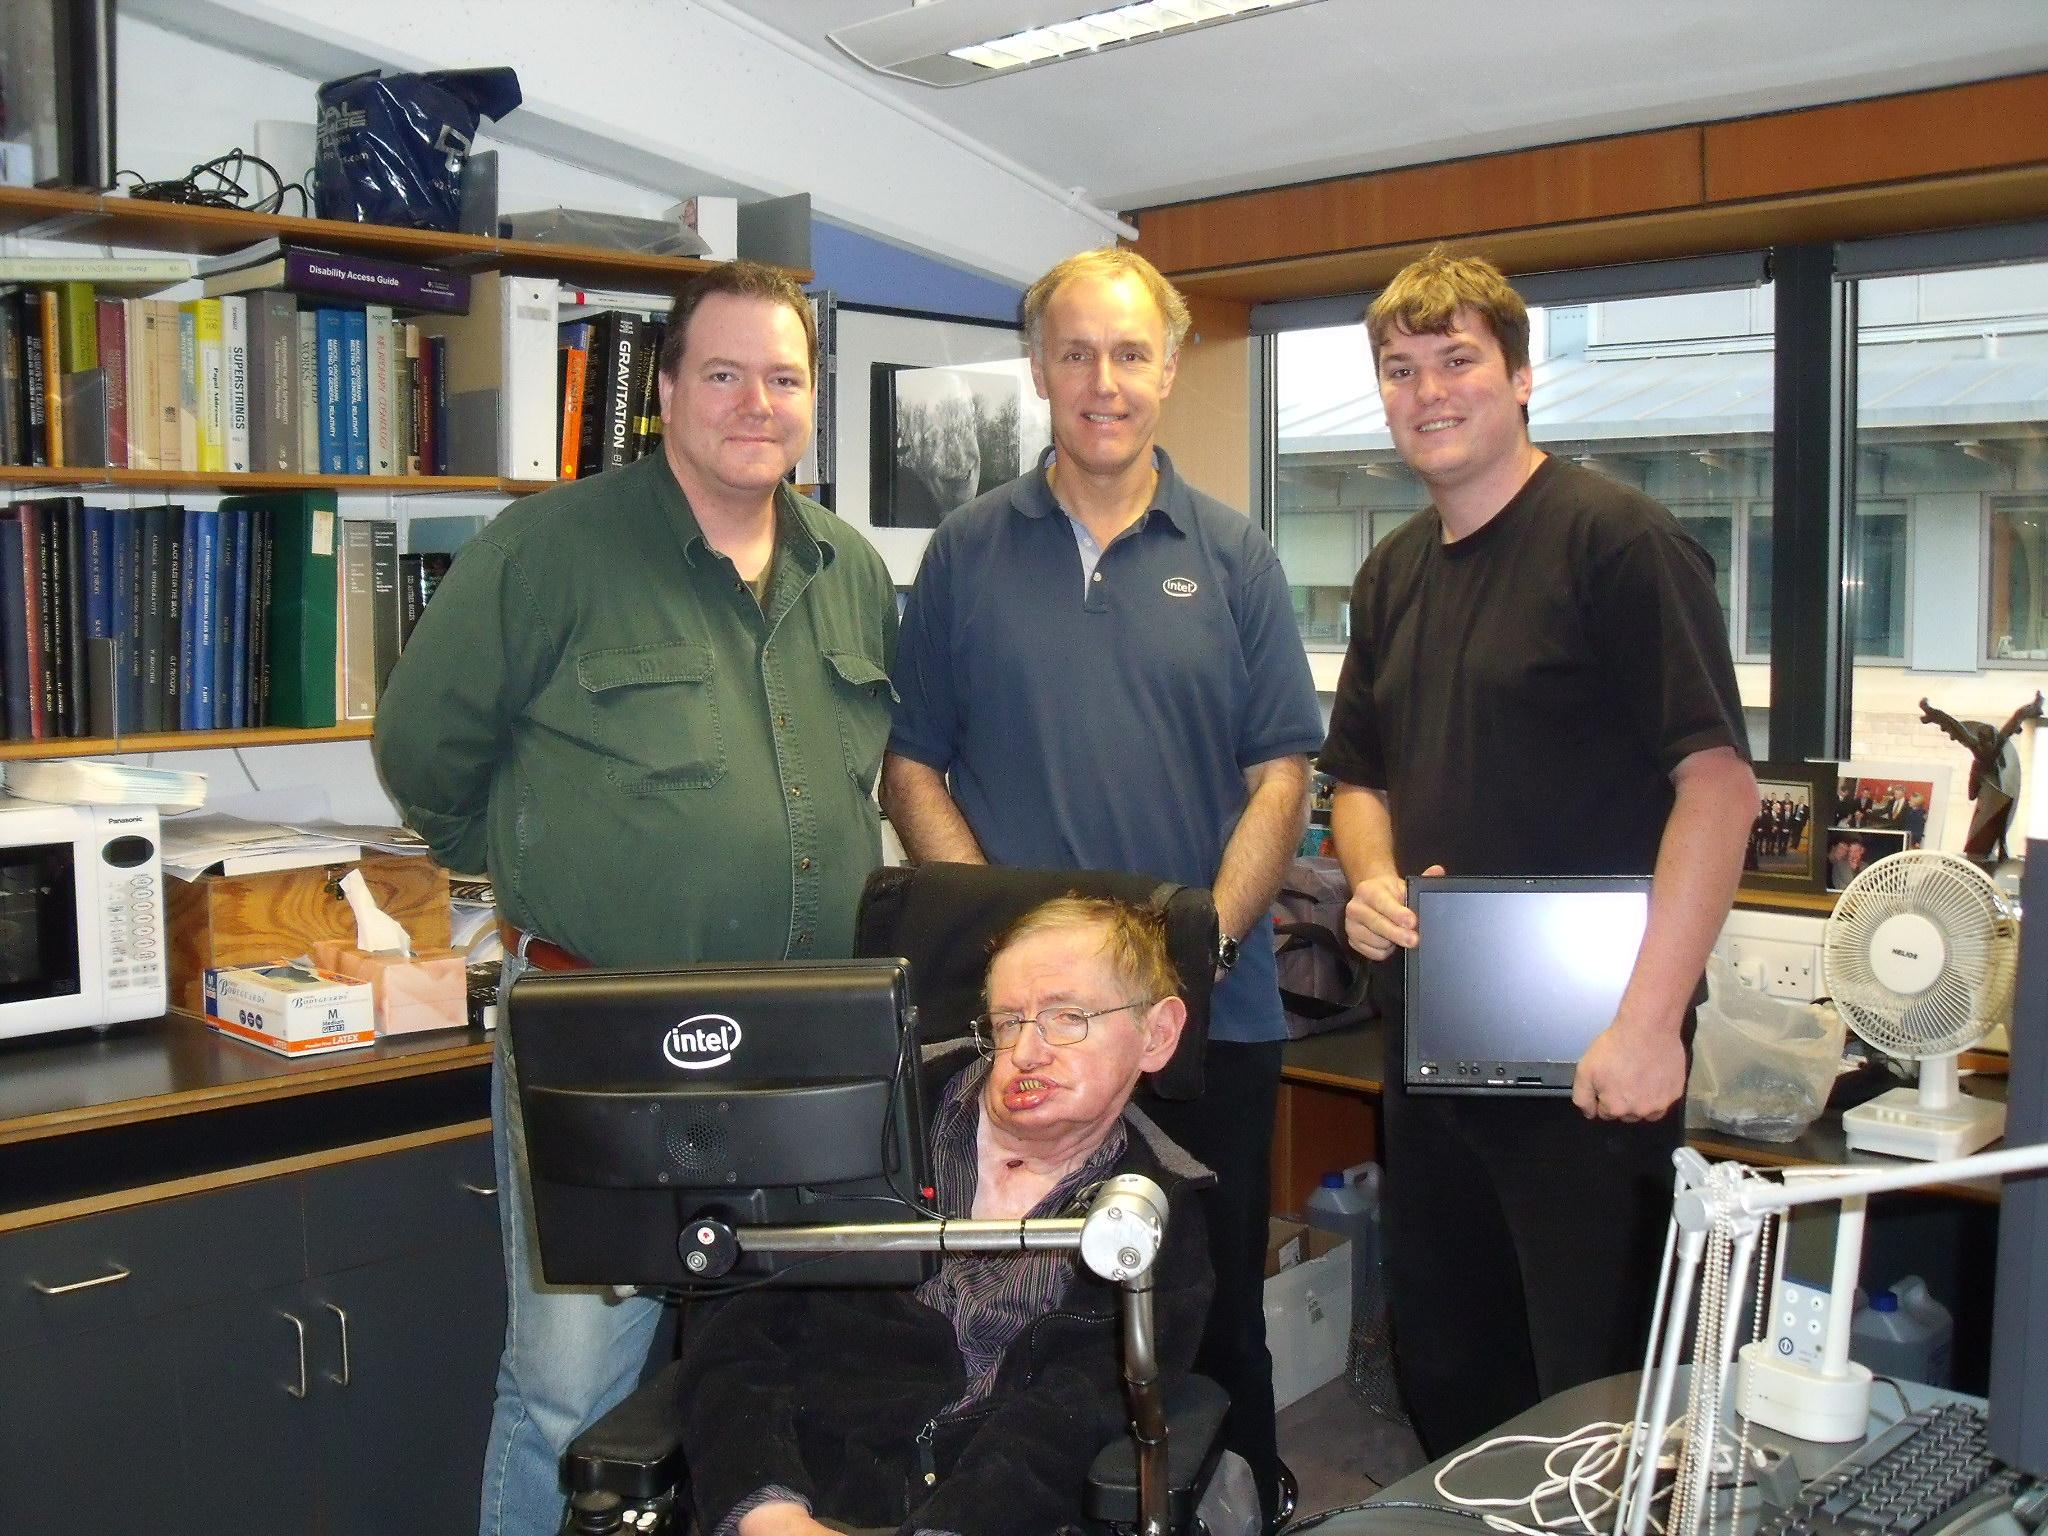 霍金�z`d�.�9.b_[图]斯蒂芬·霍金的新电脑